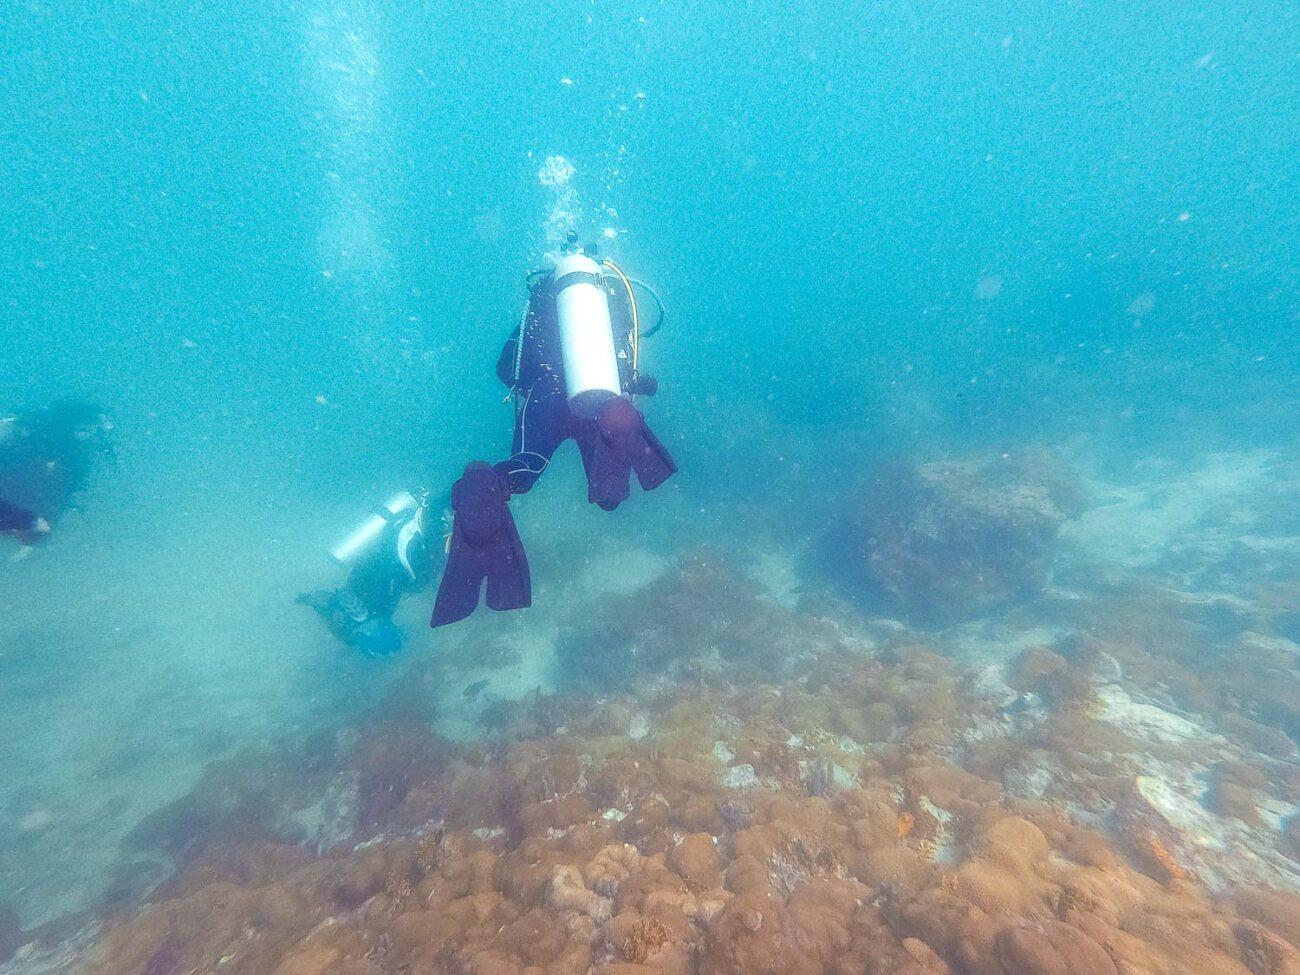 Mergulho em Arraial do Cabo - Grupo de mergulhadores em Arraial do Cabo